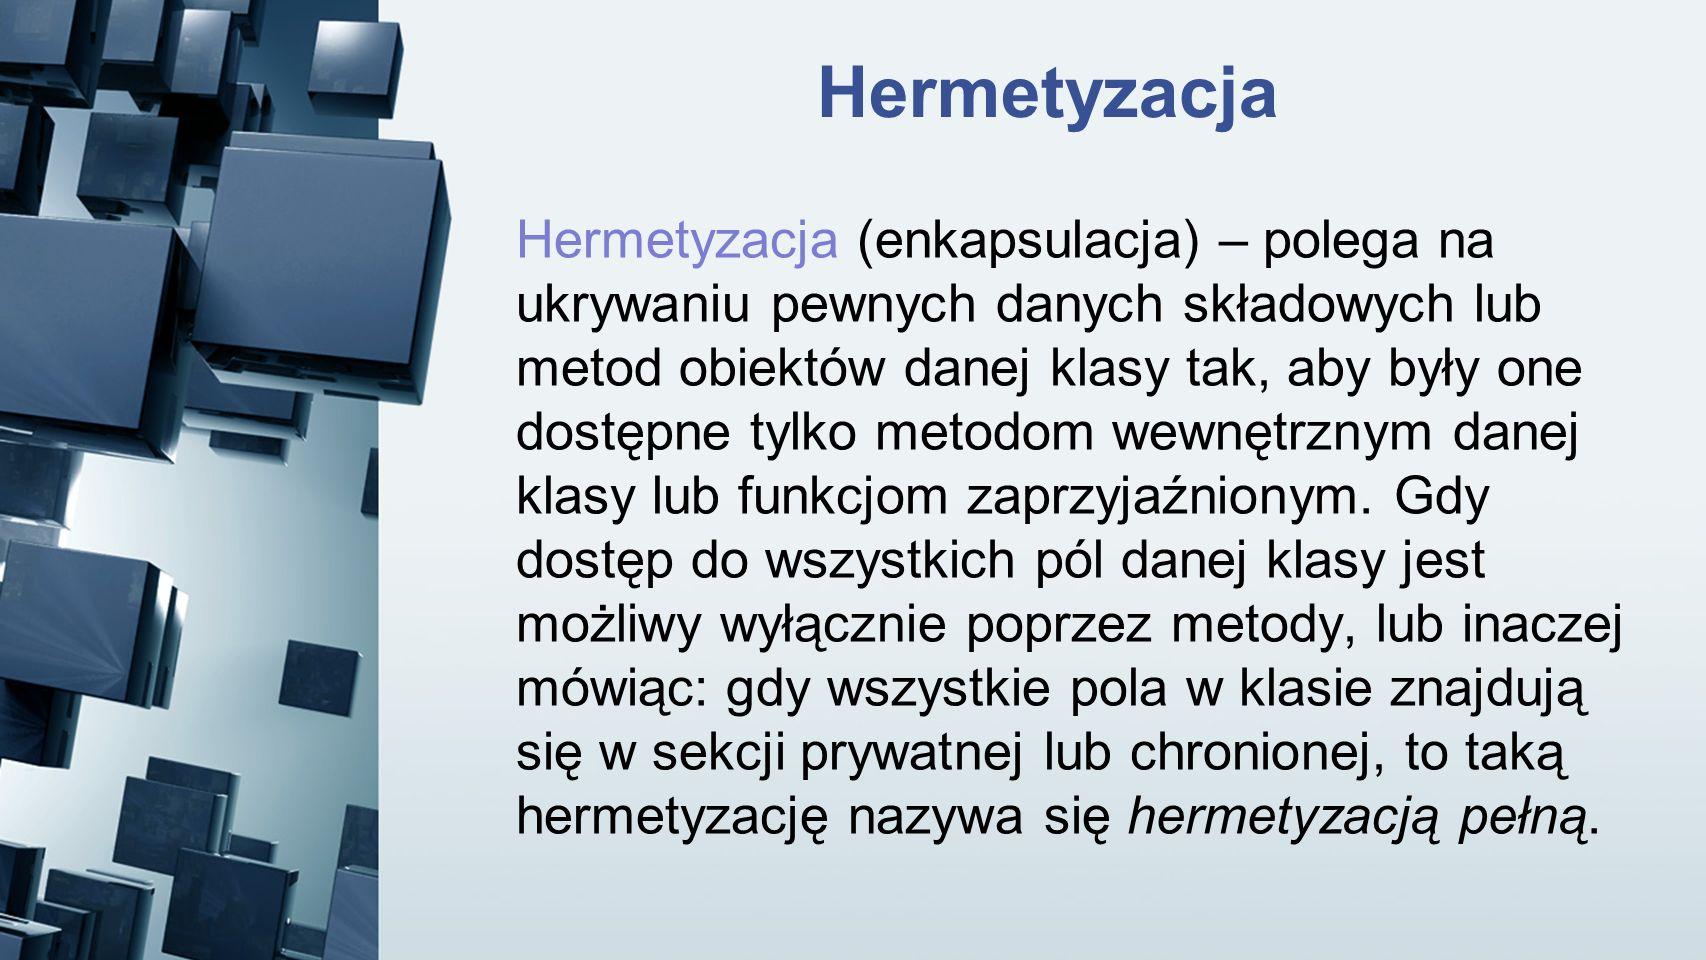 Hermetyzacja Hermetyzacja (enkapsulacja) – polega na ukrywaniu pewnych danych składowych lub metod obiektów danej klasy tak, aby były one dostępne tyl